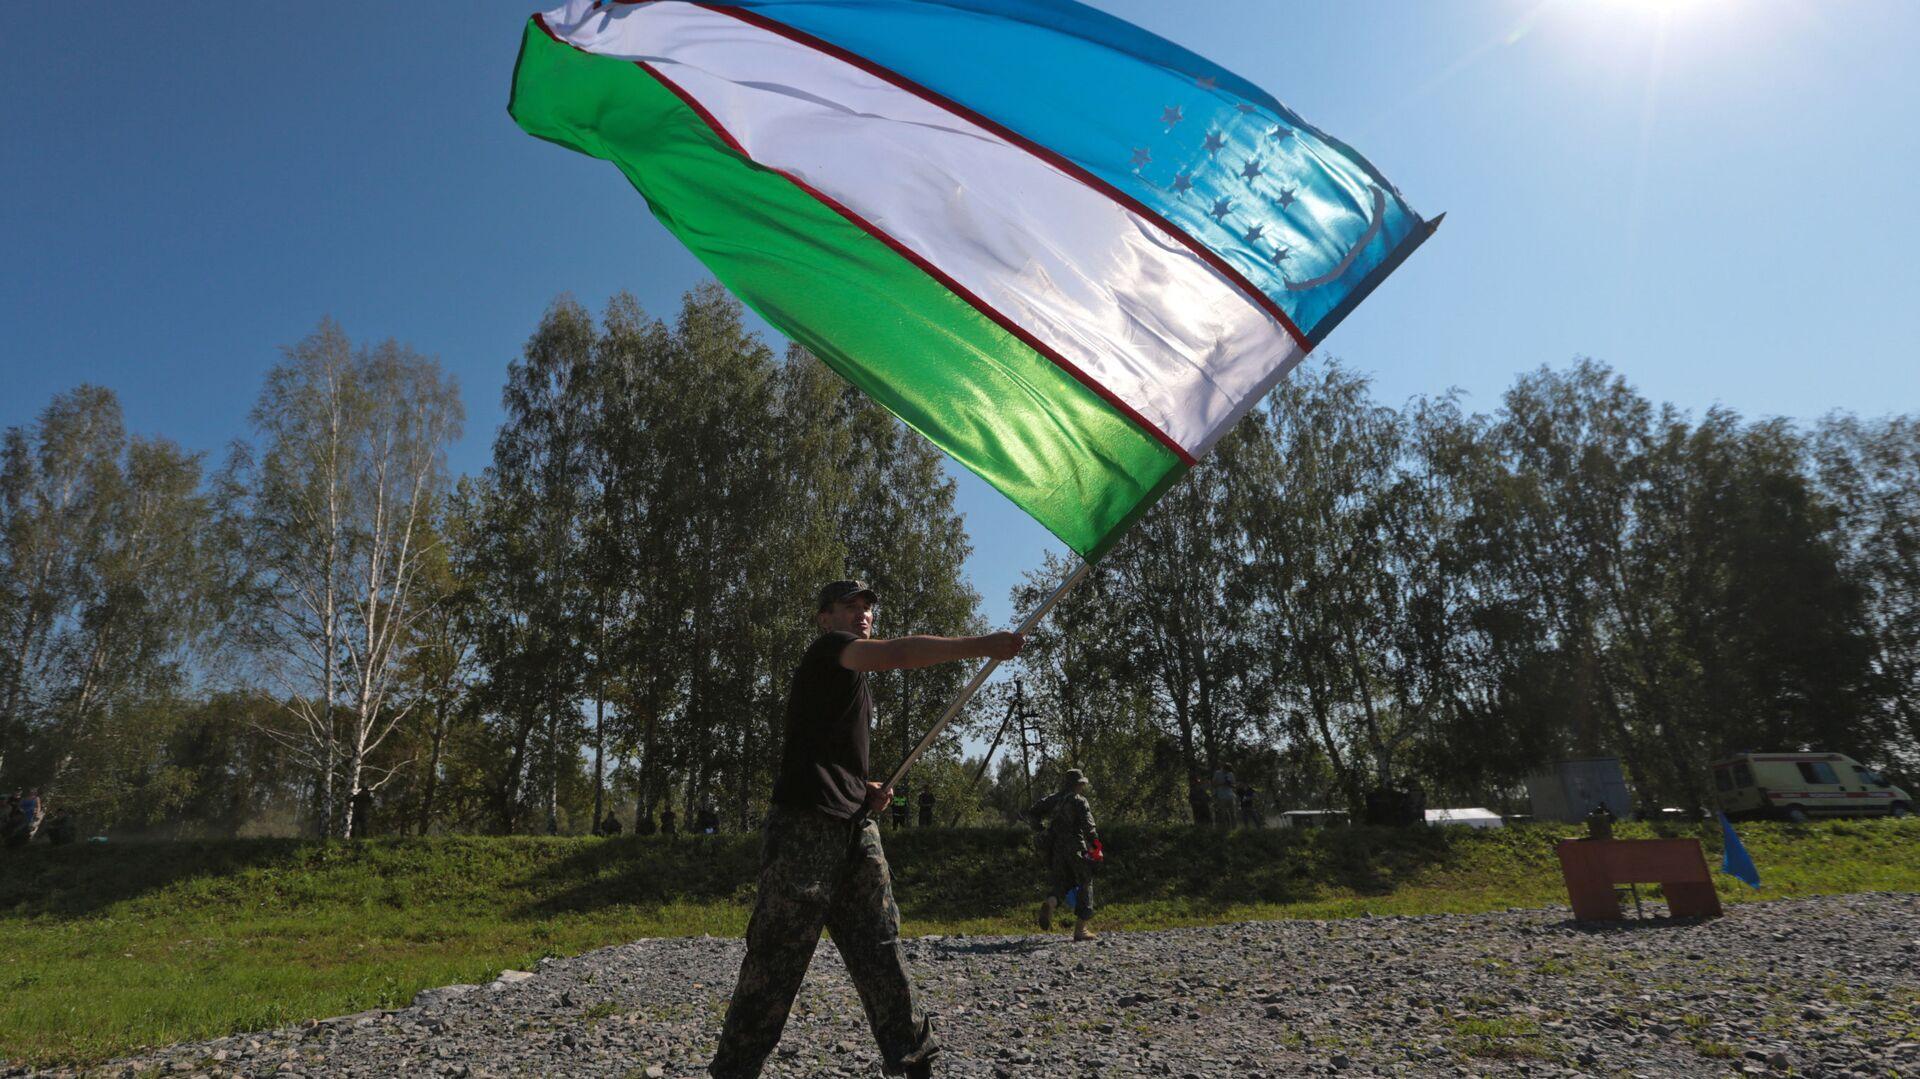 Żołnierz z flagą Uzbekistanu - Sputnik Polska, 1920, 12.09.2021